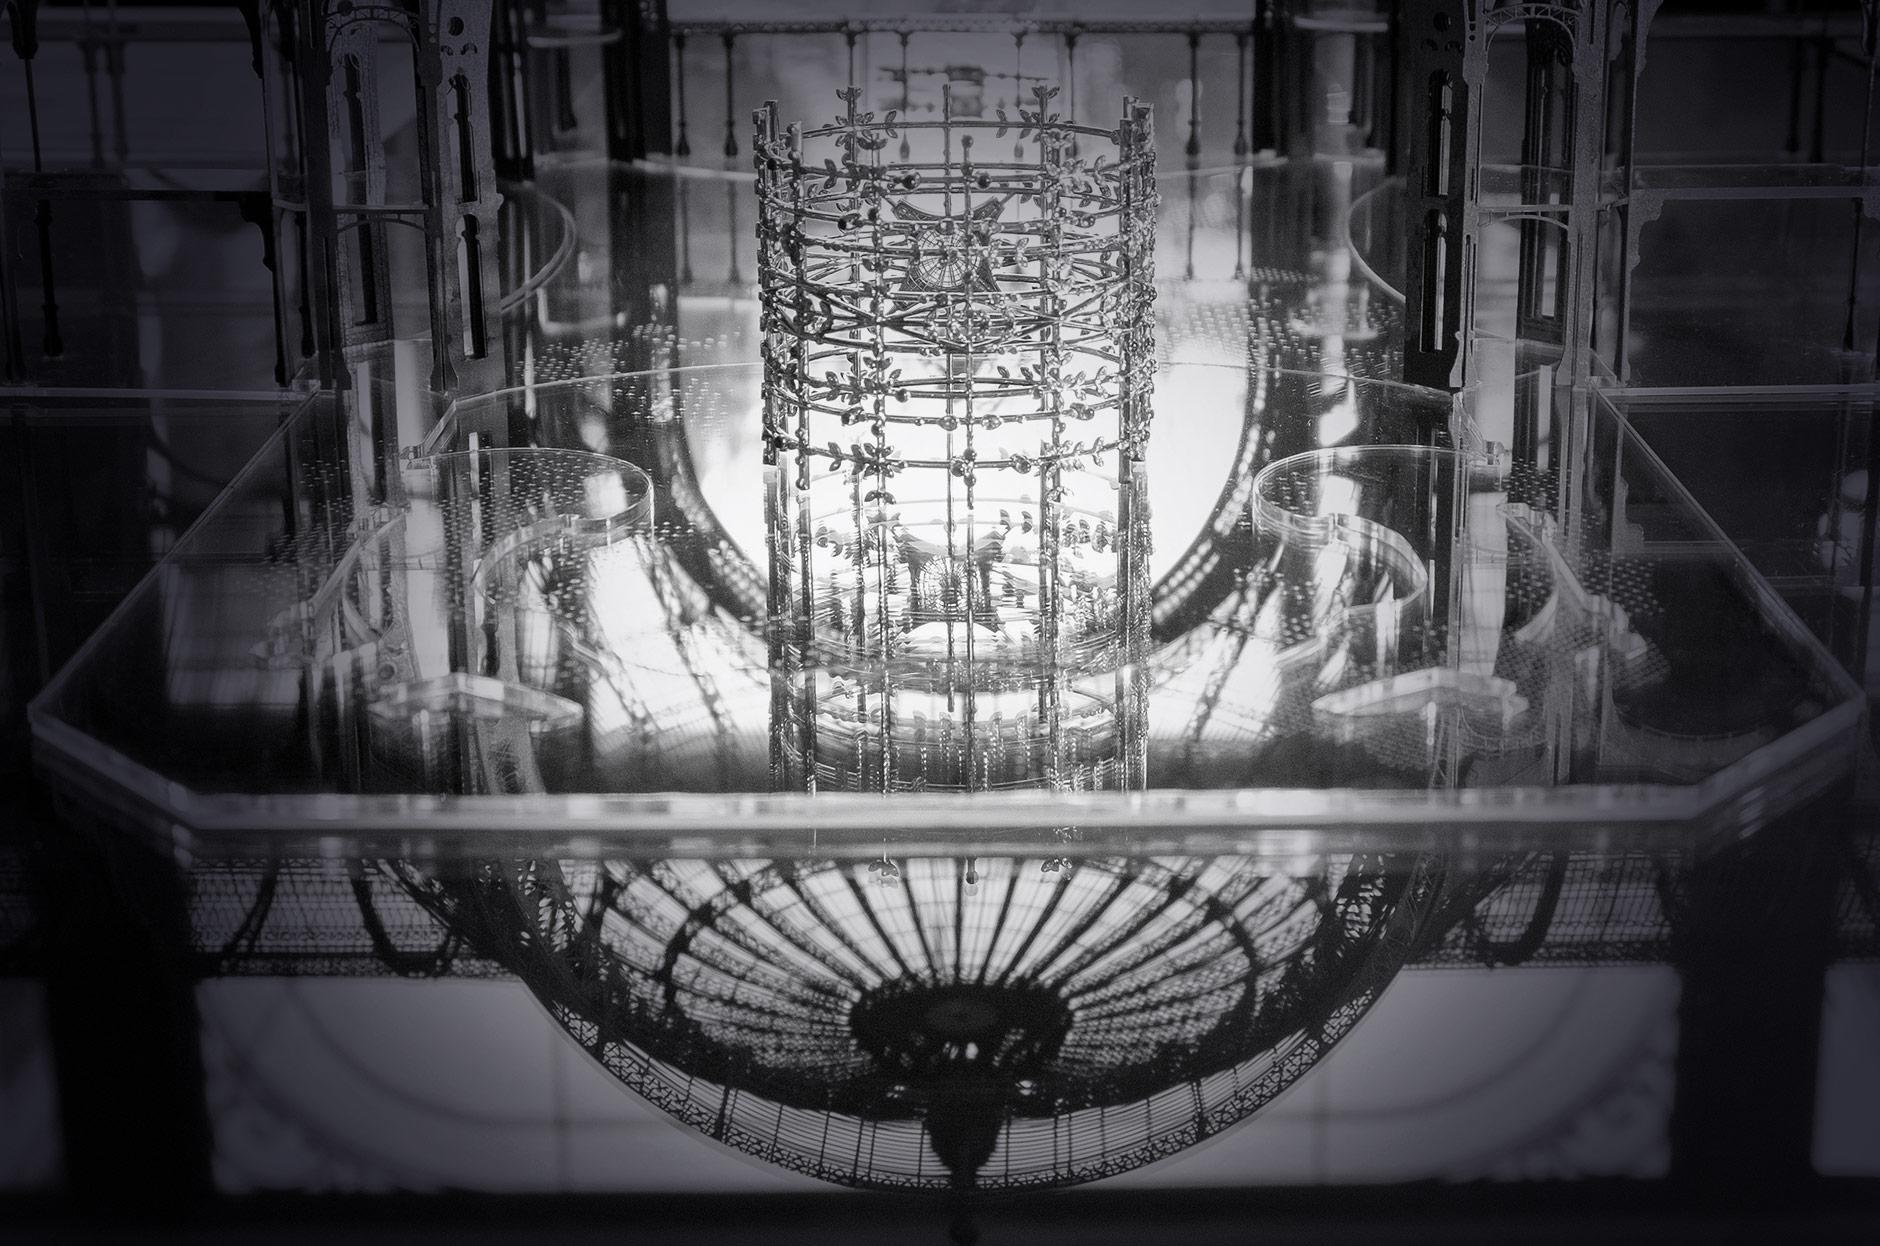 Manchette du Grand Palais par Irene Paris